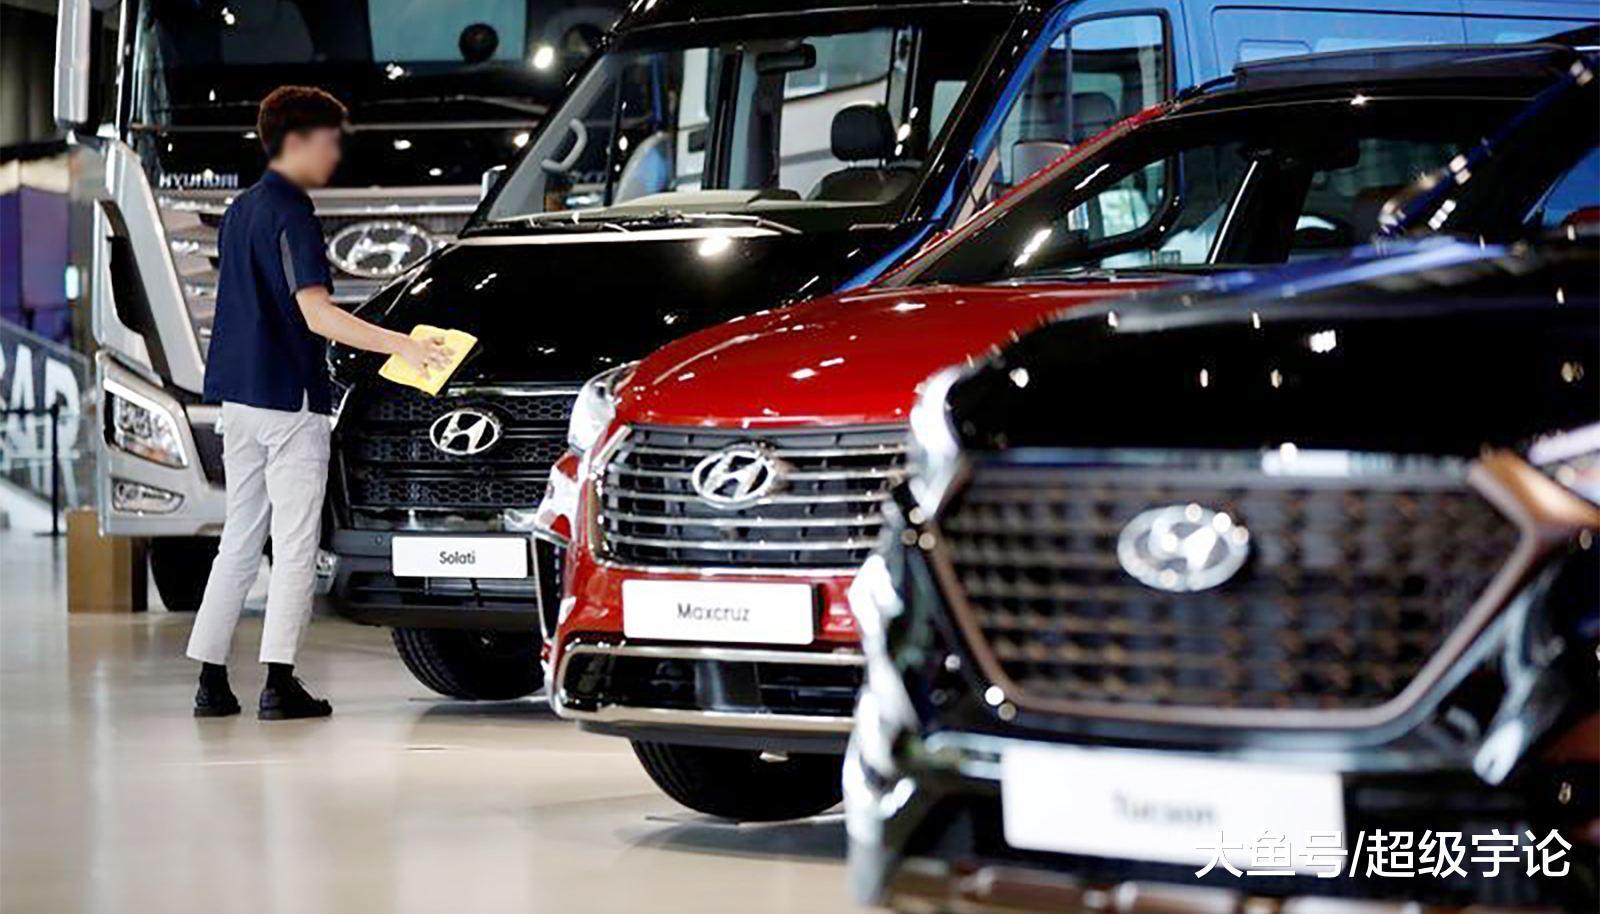 北京现代往产能裁撤第一工场 中国市场为现代汽车齐球萎缩背锅